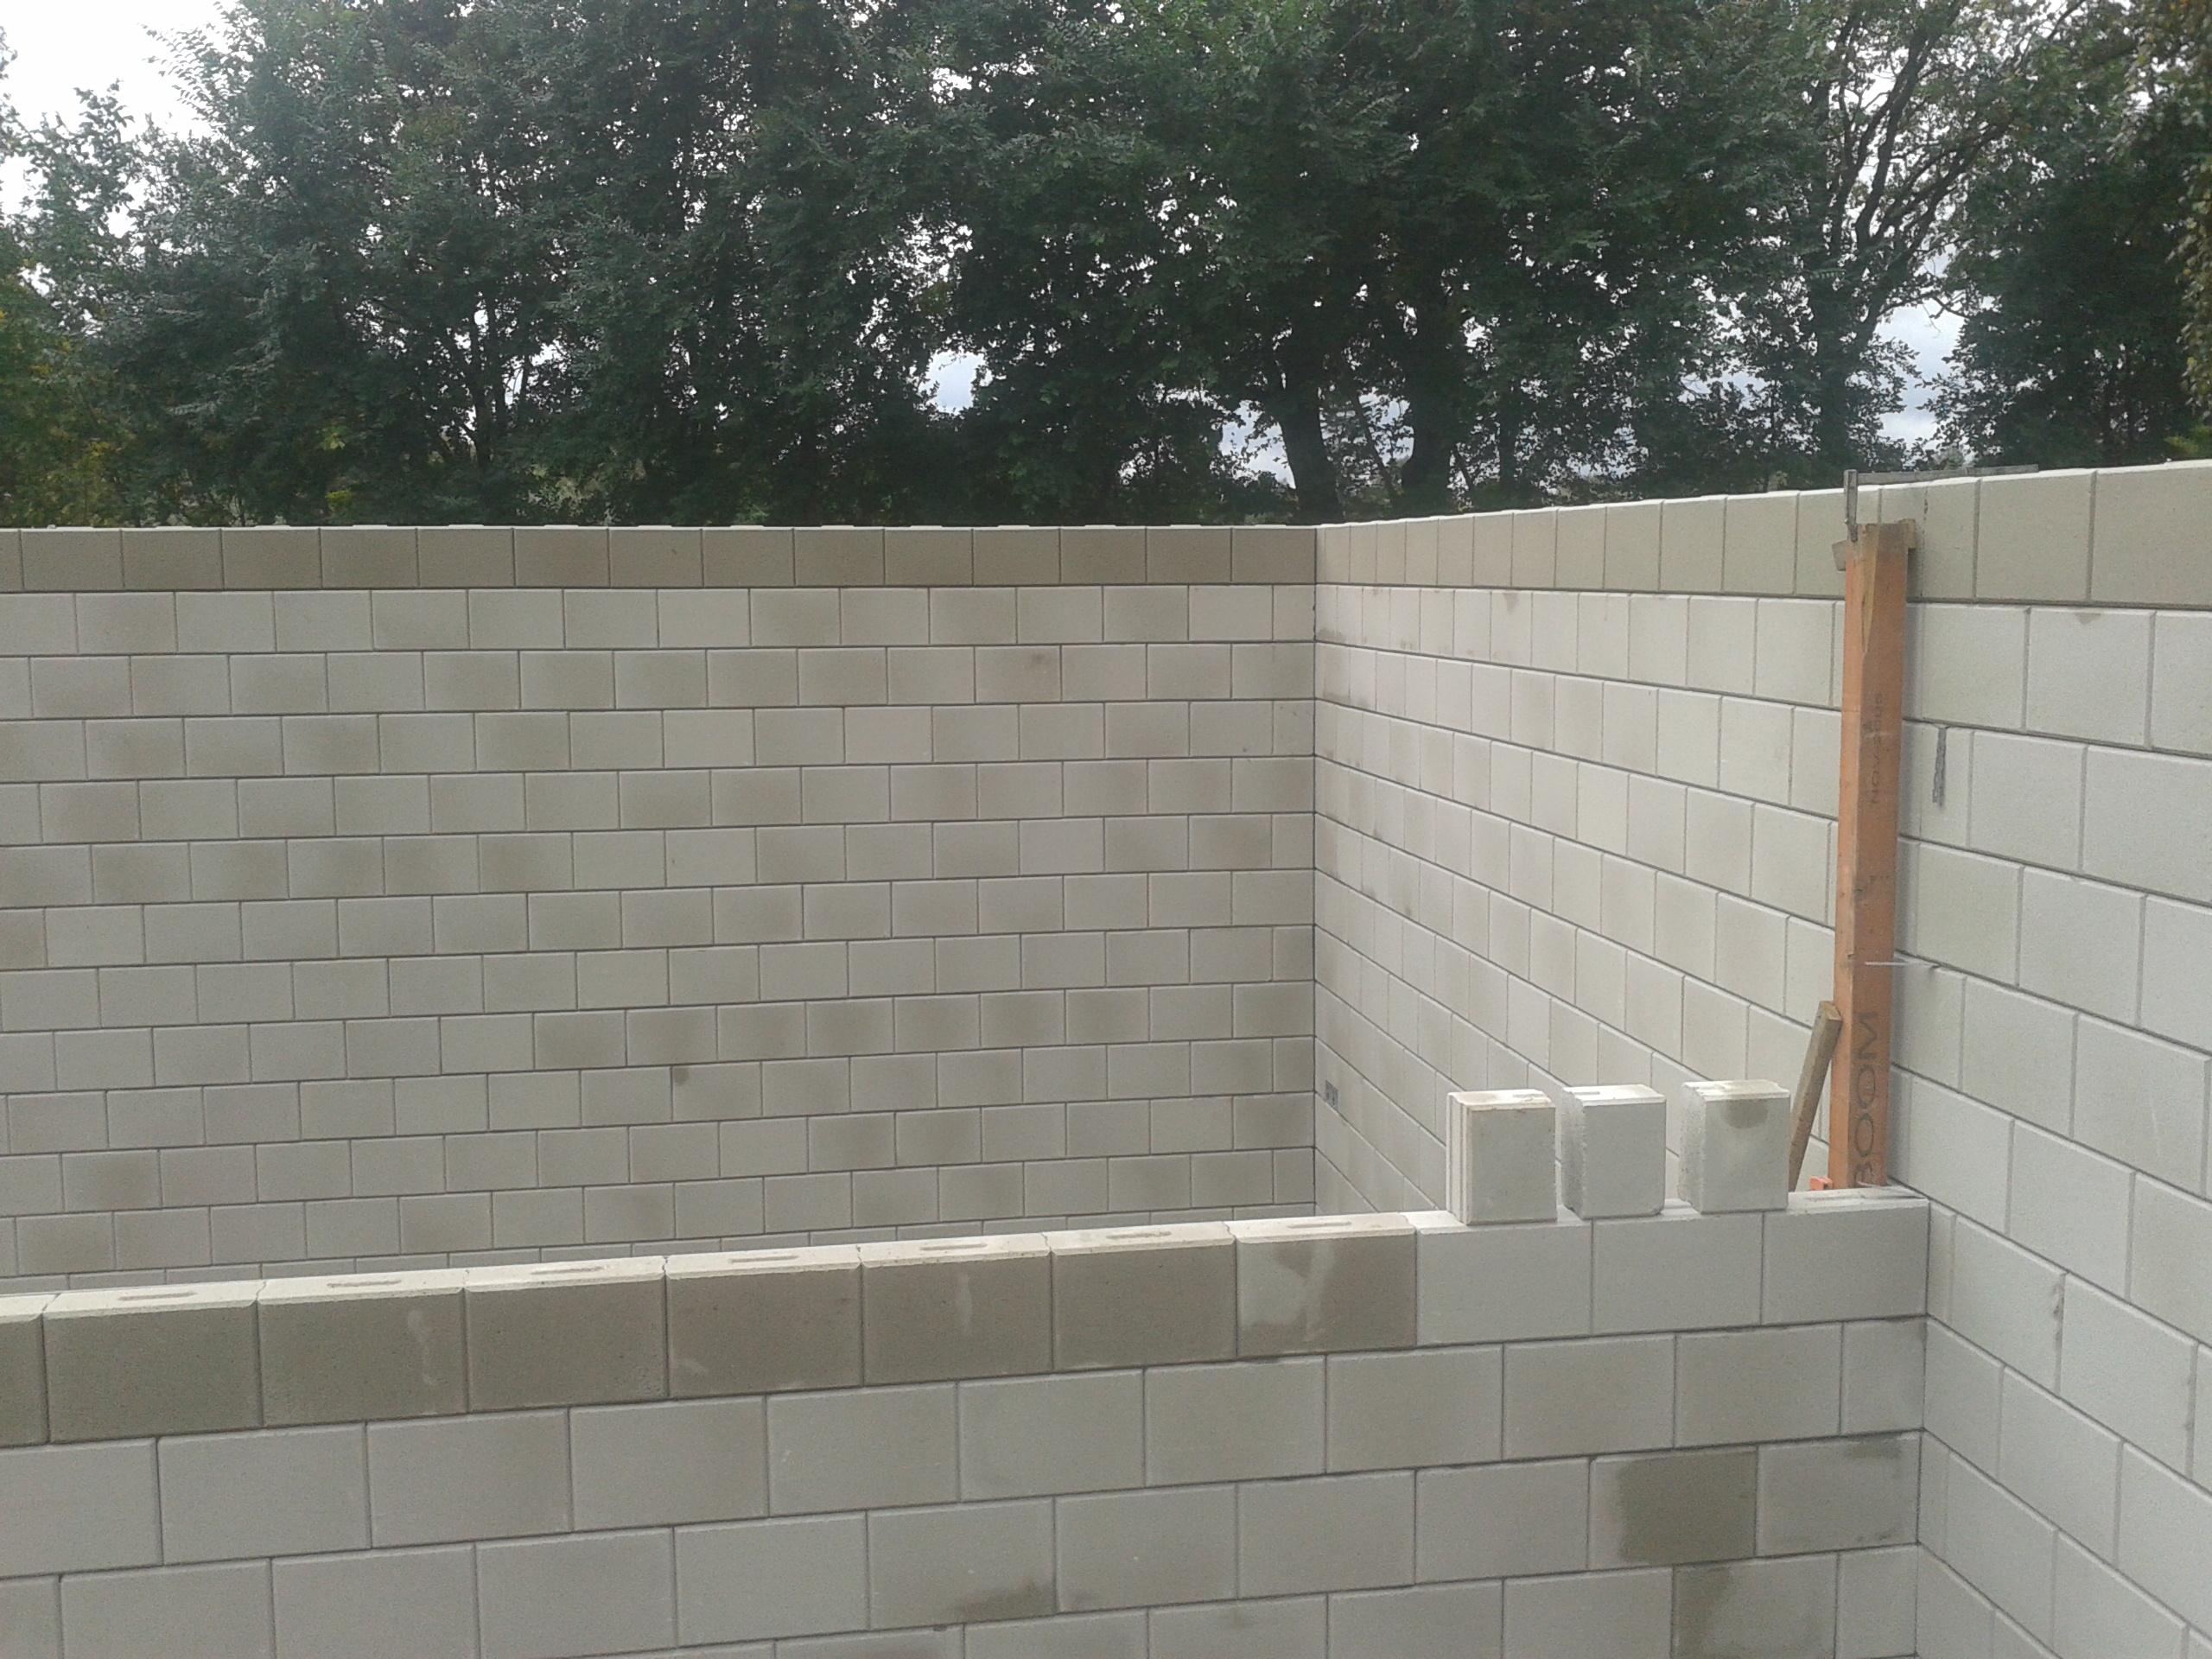 Advhaandel metselwerkenadvhaandel metselwerken for Vijverfolie lijmen op beton